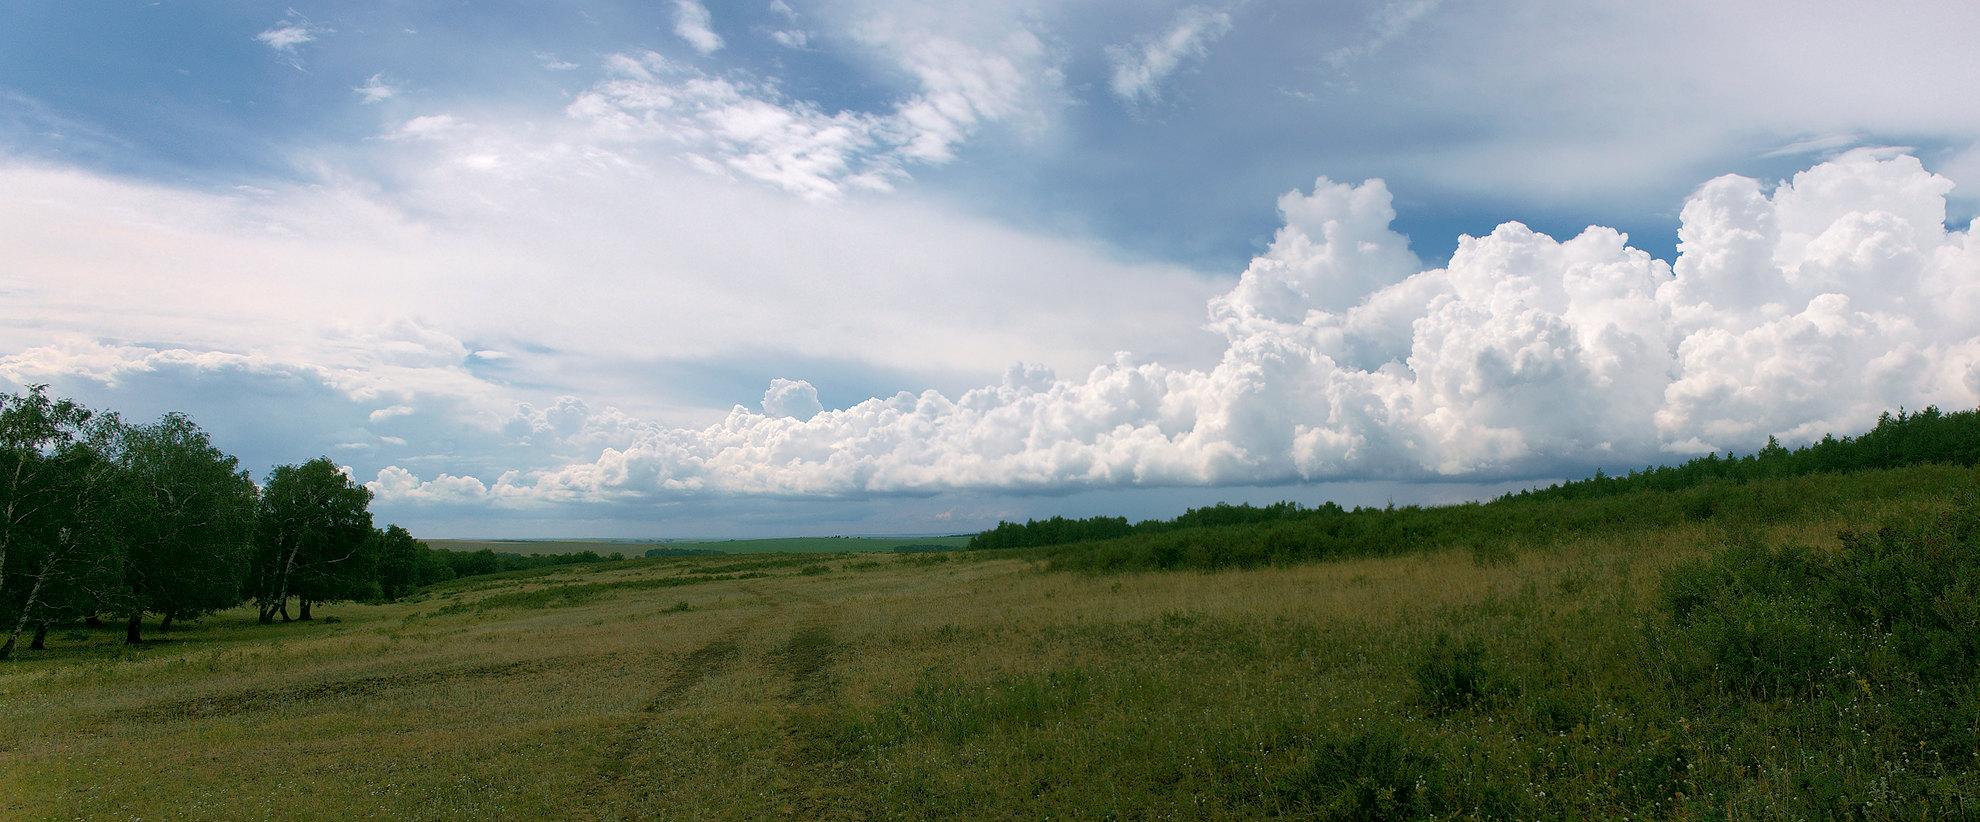 """фото """"Облака."""" метки: пейзаж, панорама, лес, лето, луг, облака"""